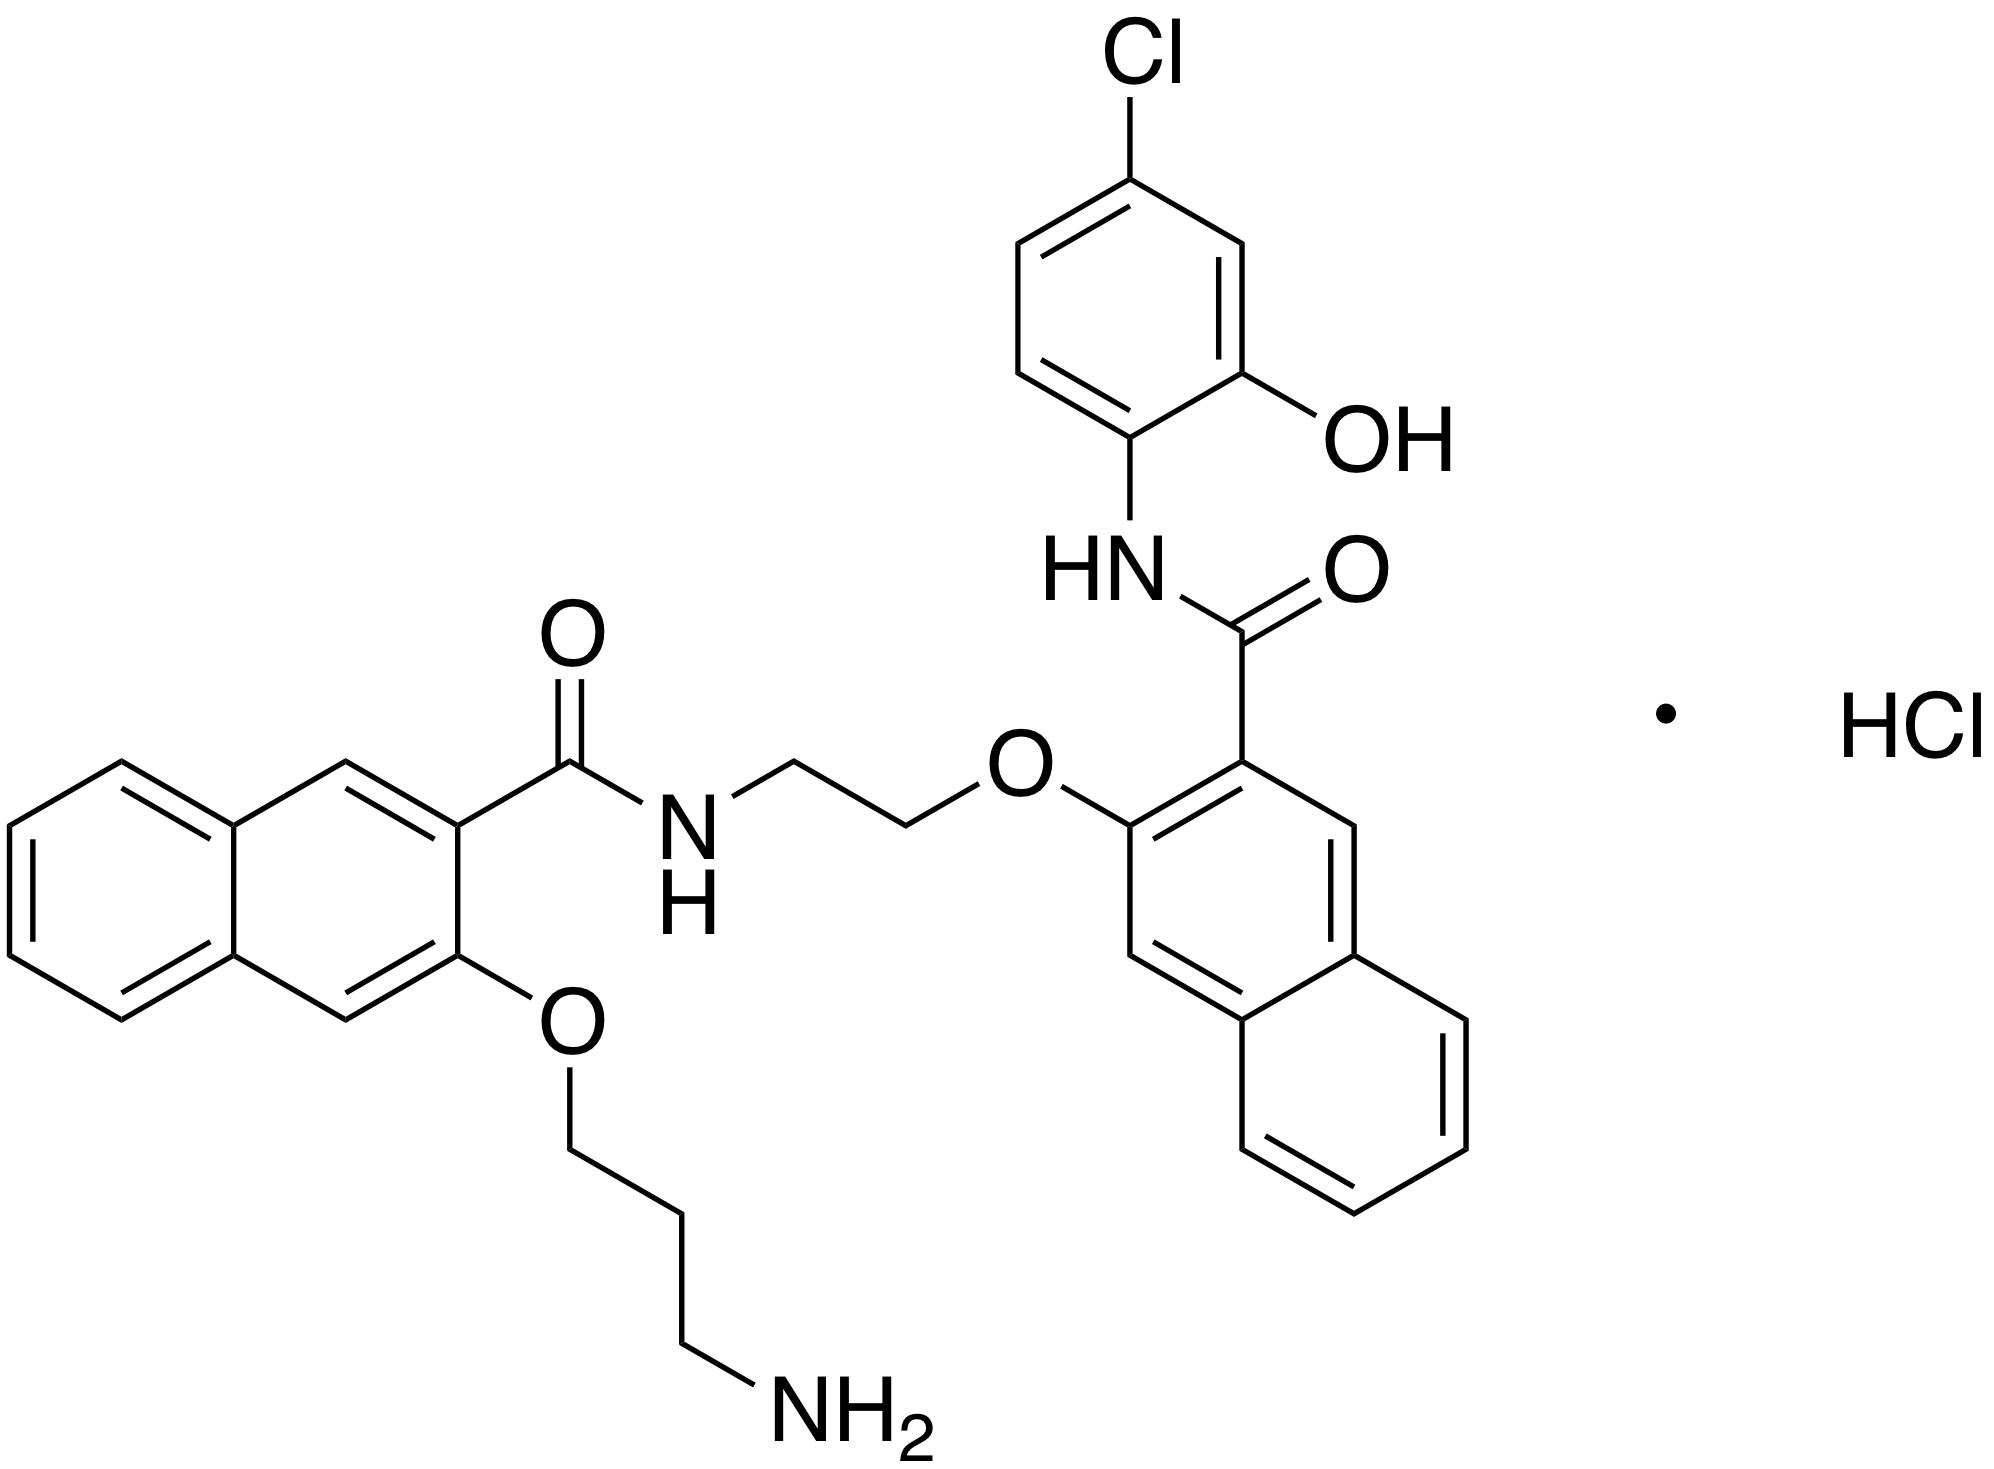 3-(3-Aminopropoxy)-N-[2-[[3-[[(4-chloro-2-hydroxyphenyl)amino]carbonyl]-2-naphthalenyl]oxy]ethyl]-2-naphthalenecarboxamide Hydrochloride